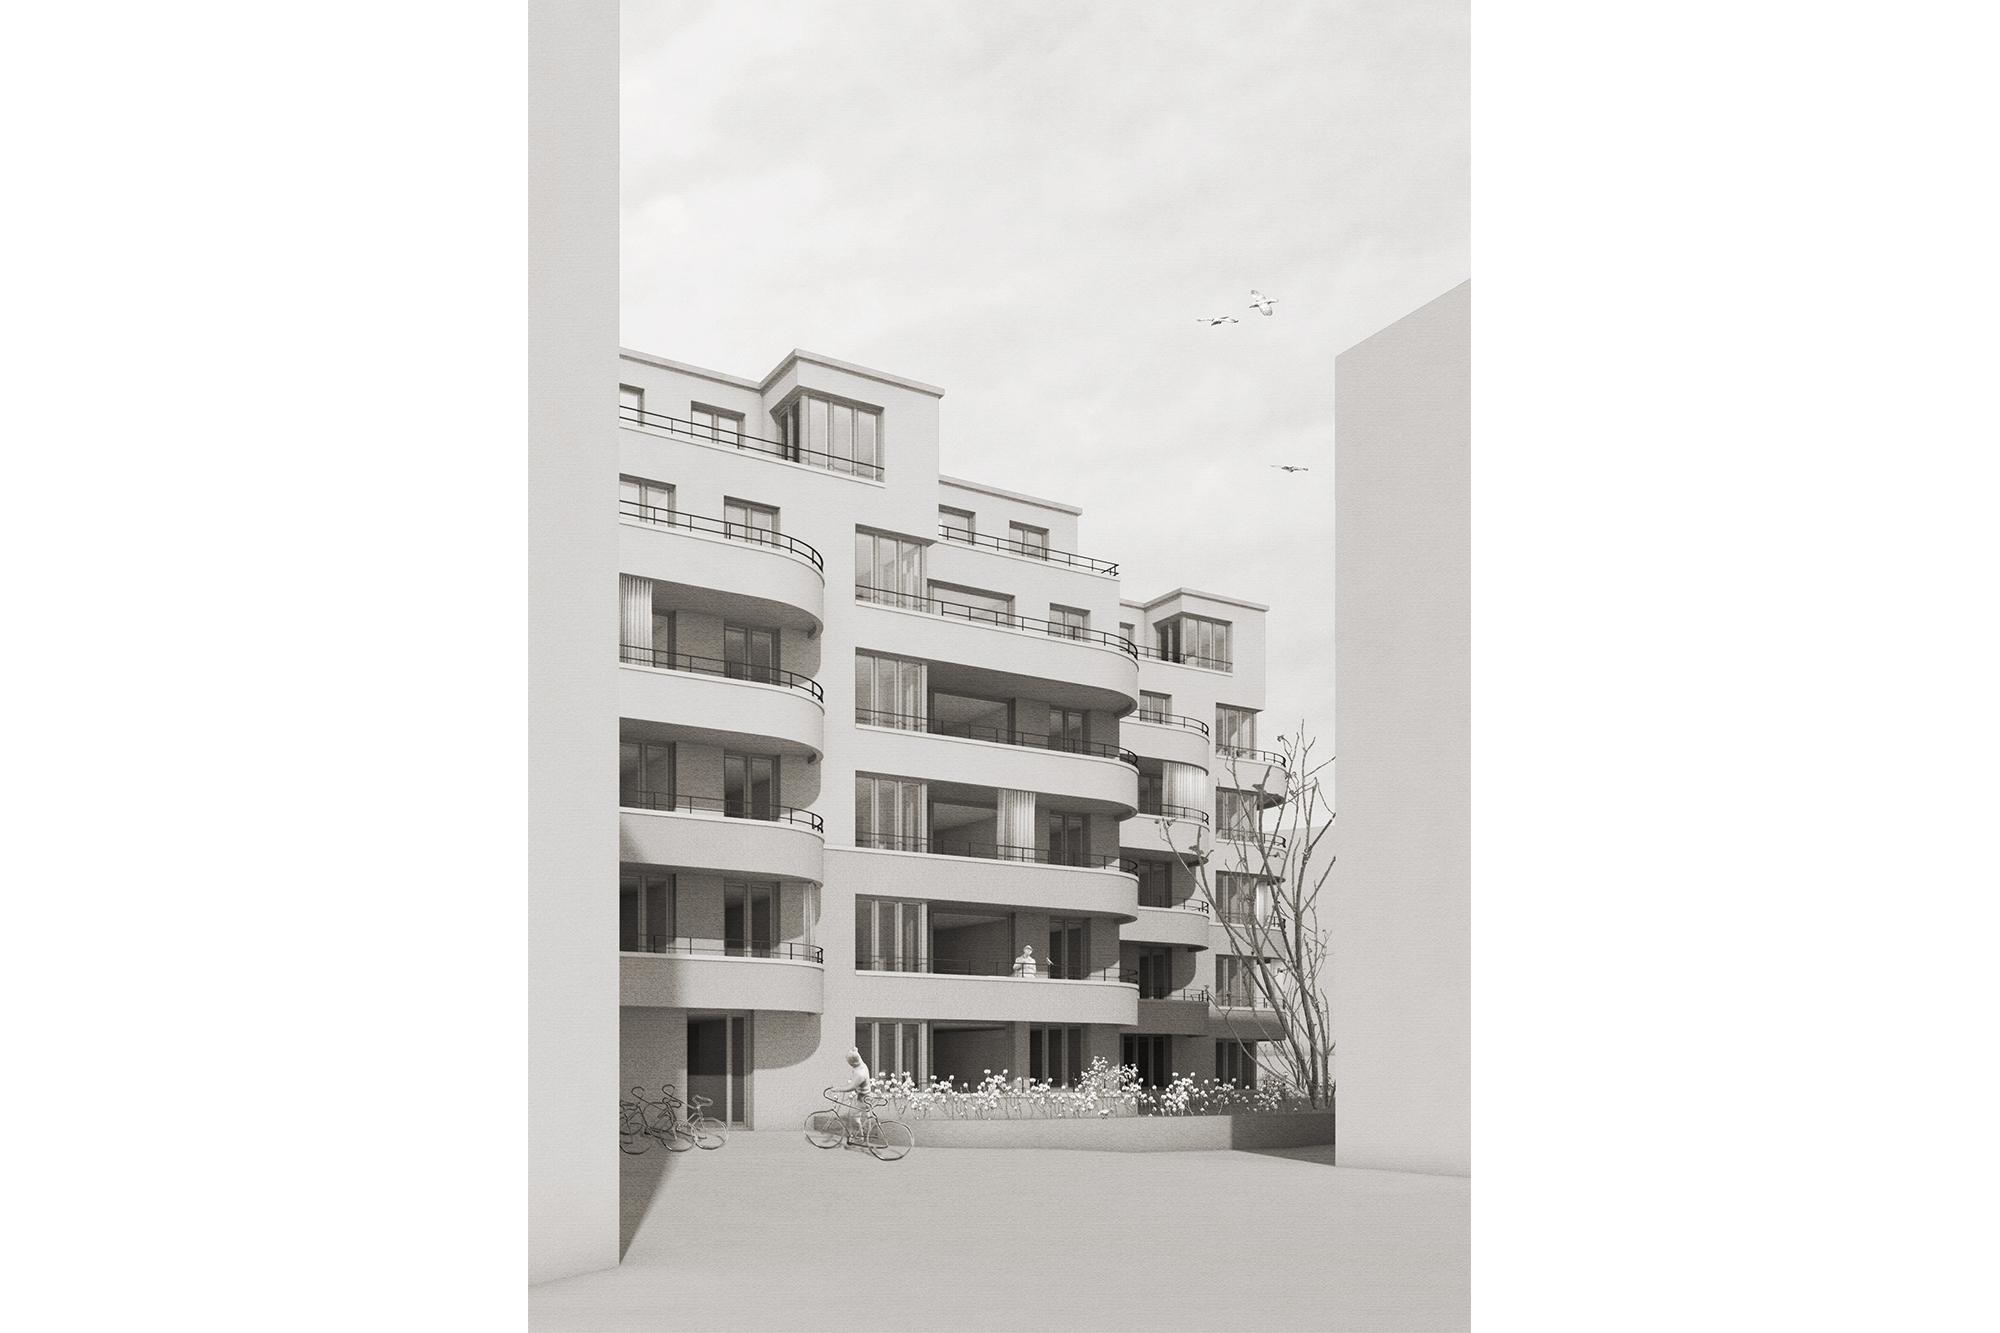 Hoffassade.jpg